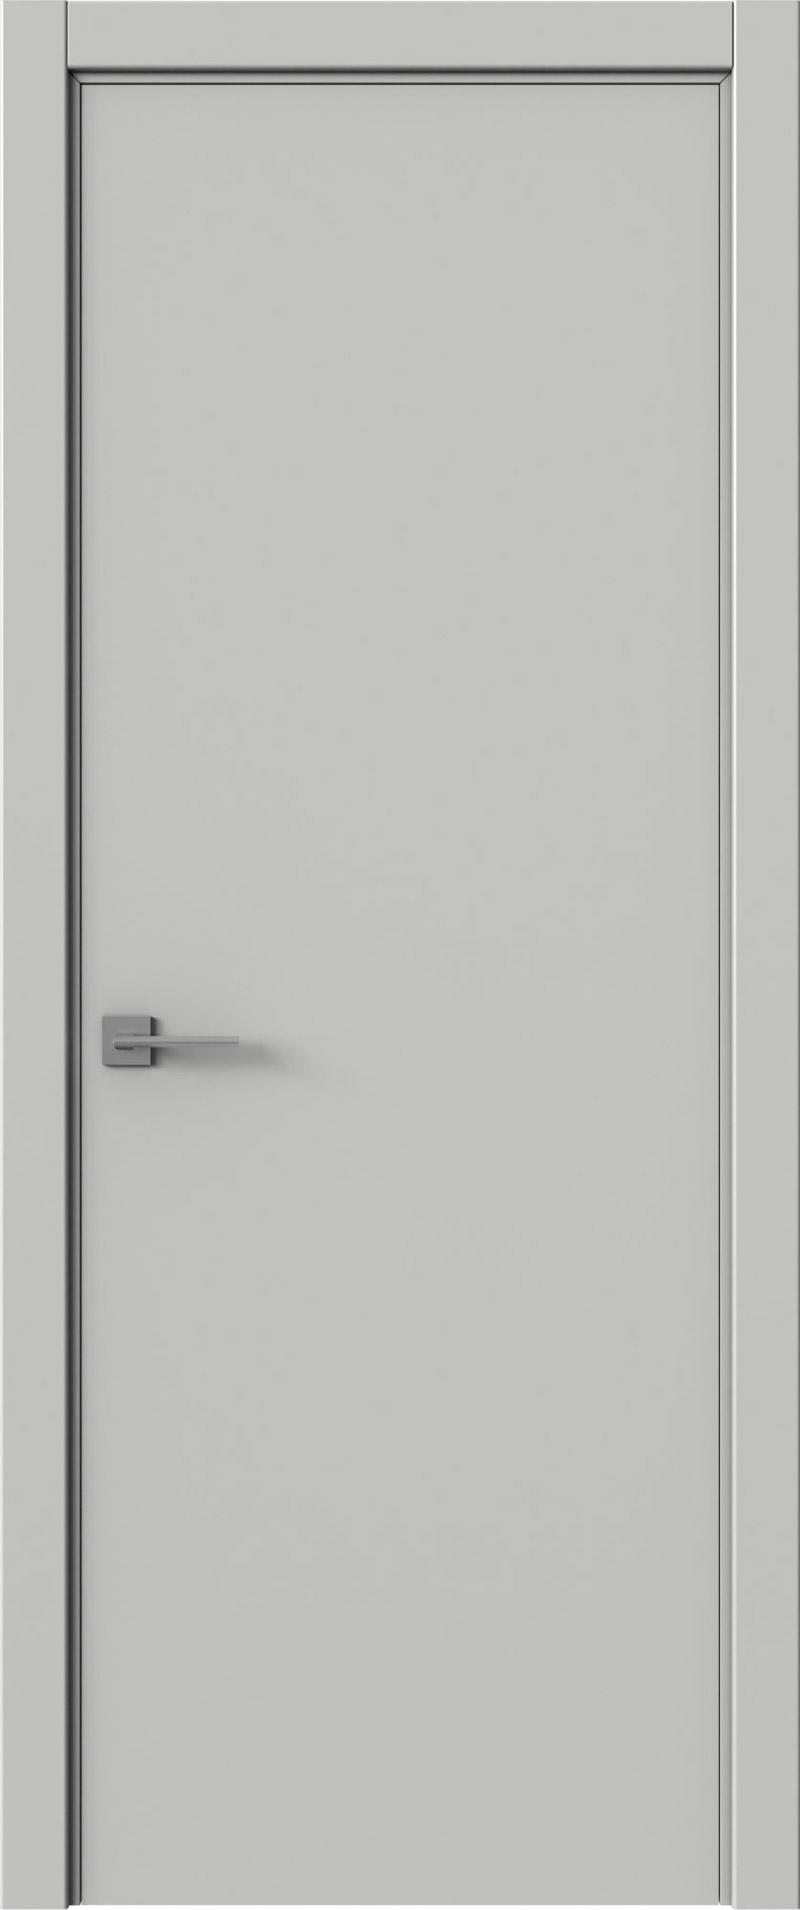 Tivoli А-2 цвет - Серая эмаль (RAL 7047) Без стекла (ДГ)